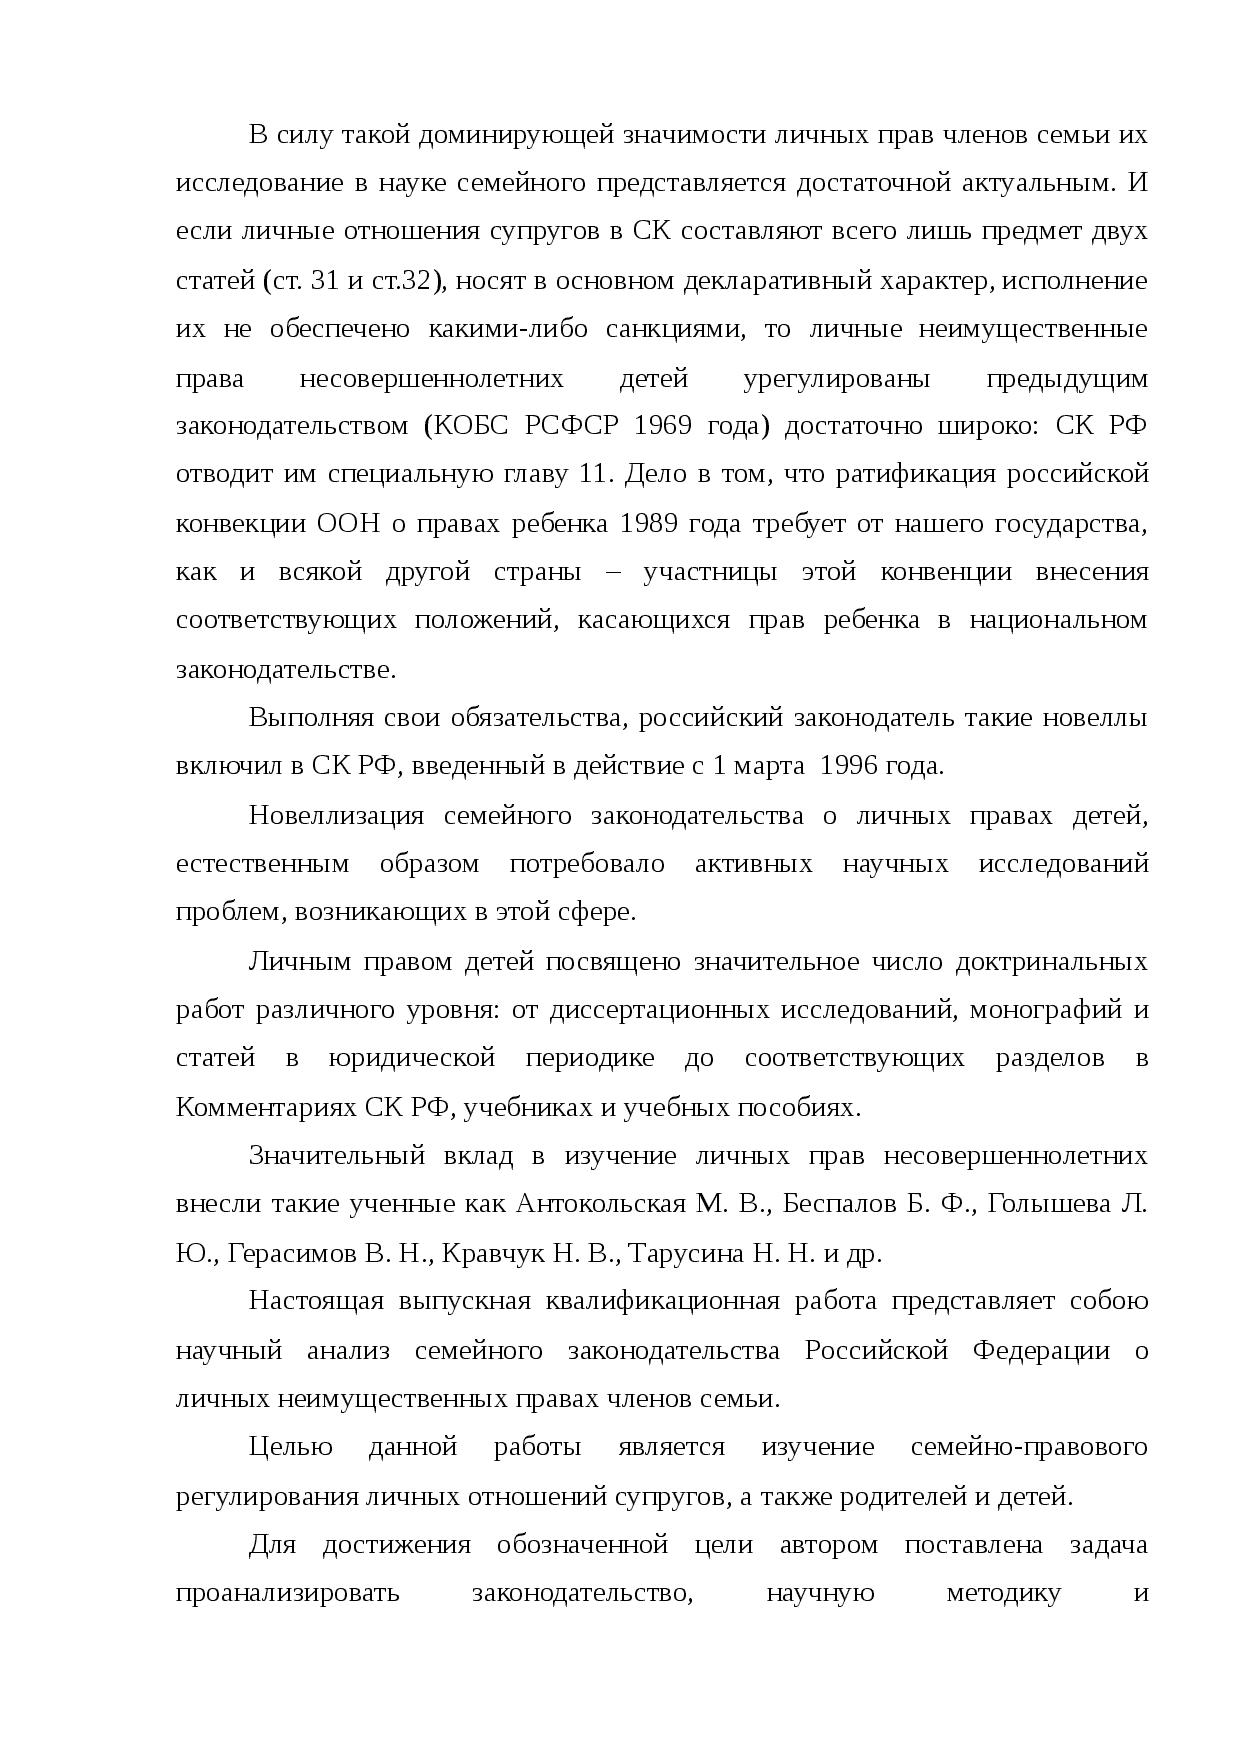 Семейный кодекс.глава 1. семейное законодательство.